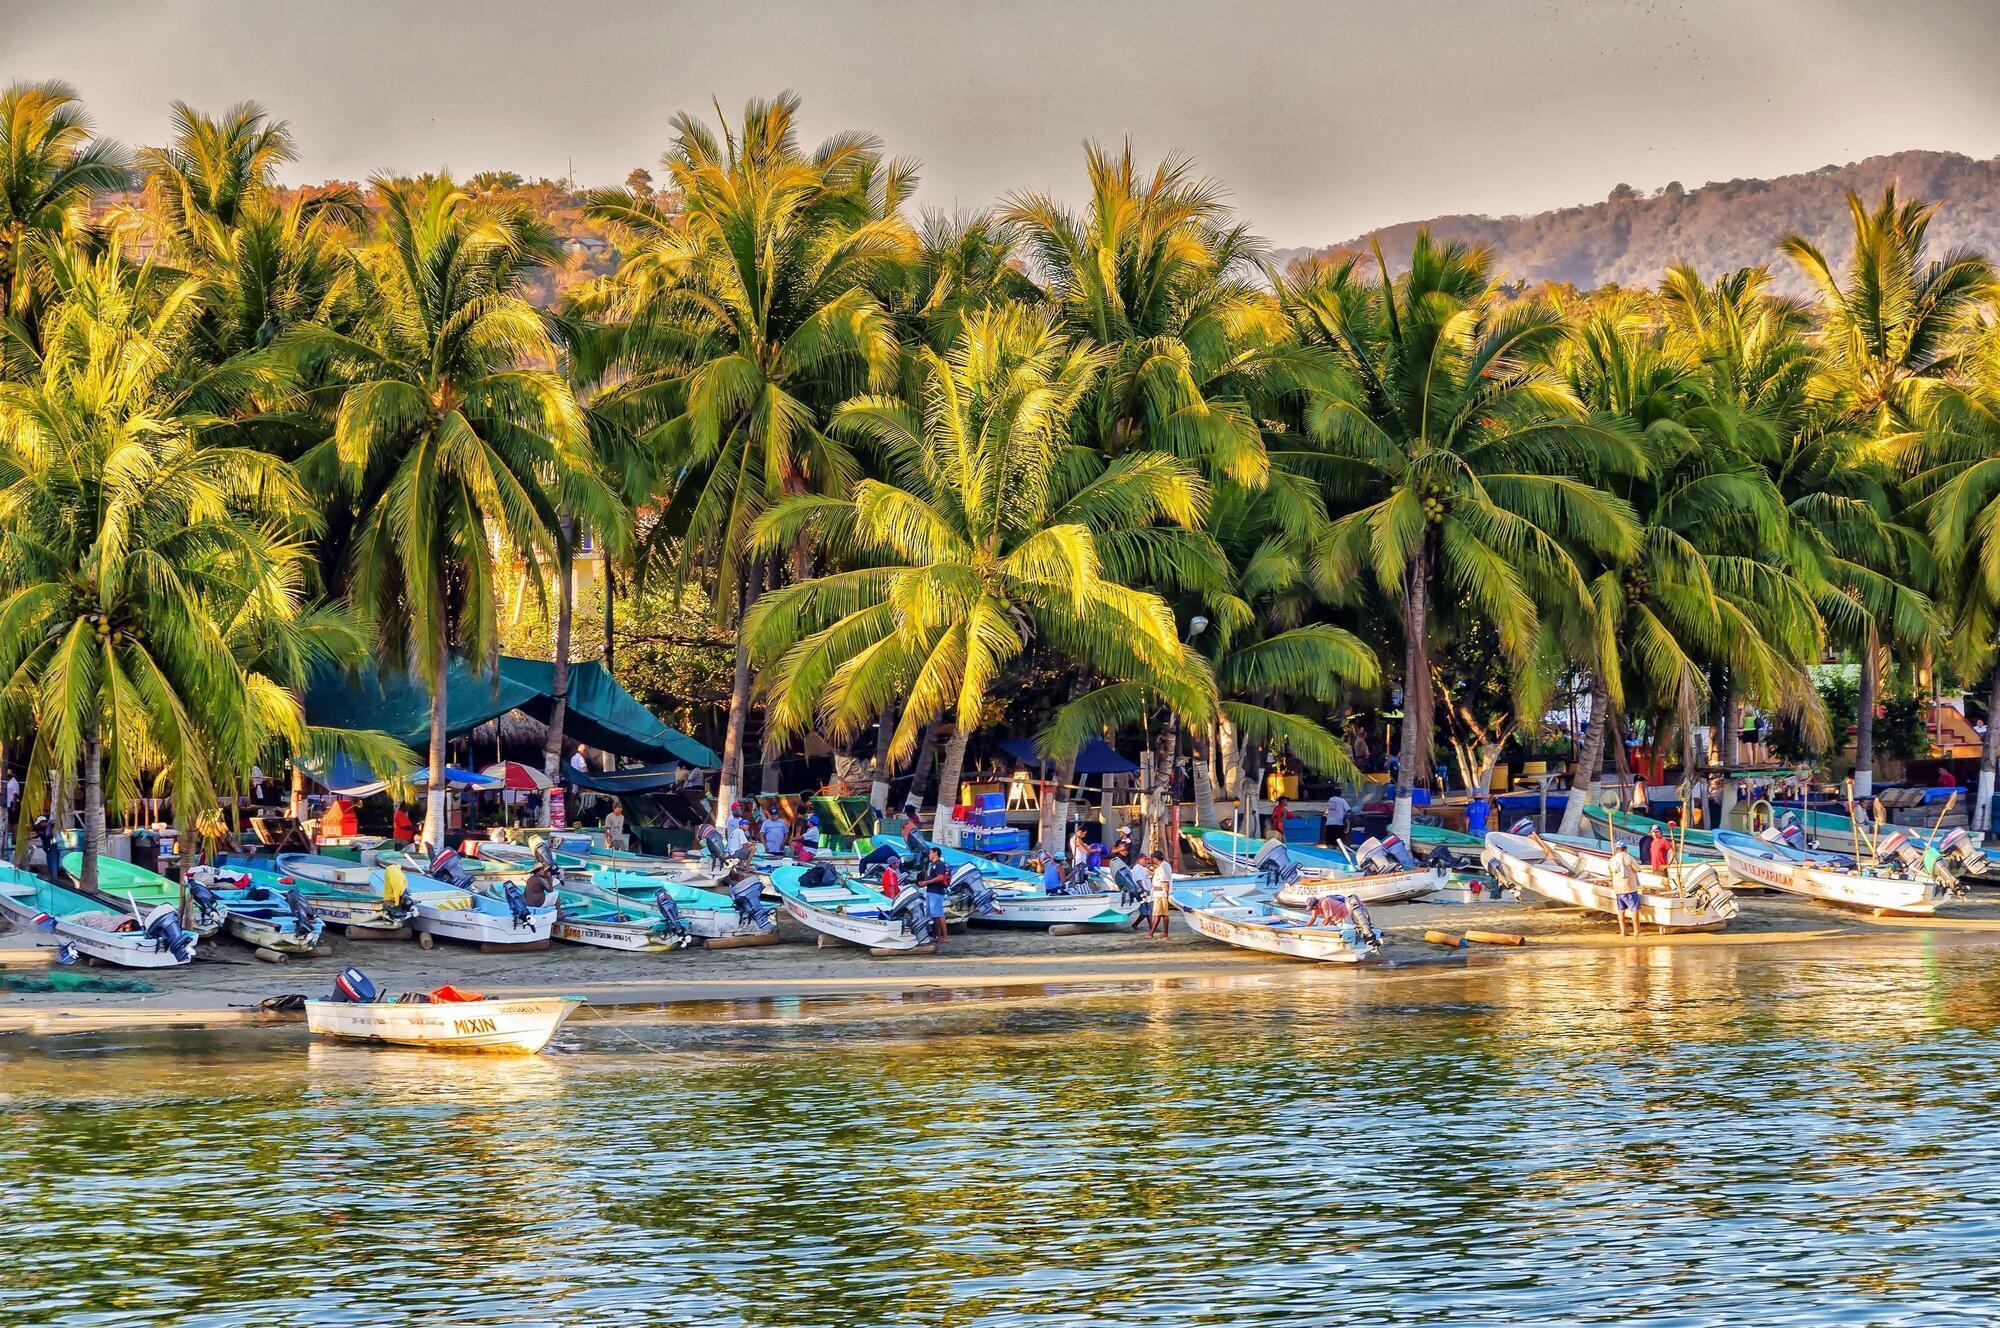 Тут вас чекають білосніжні пляжі, багата рослинність і колоритне місто